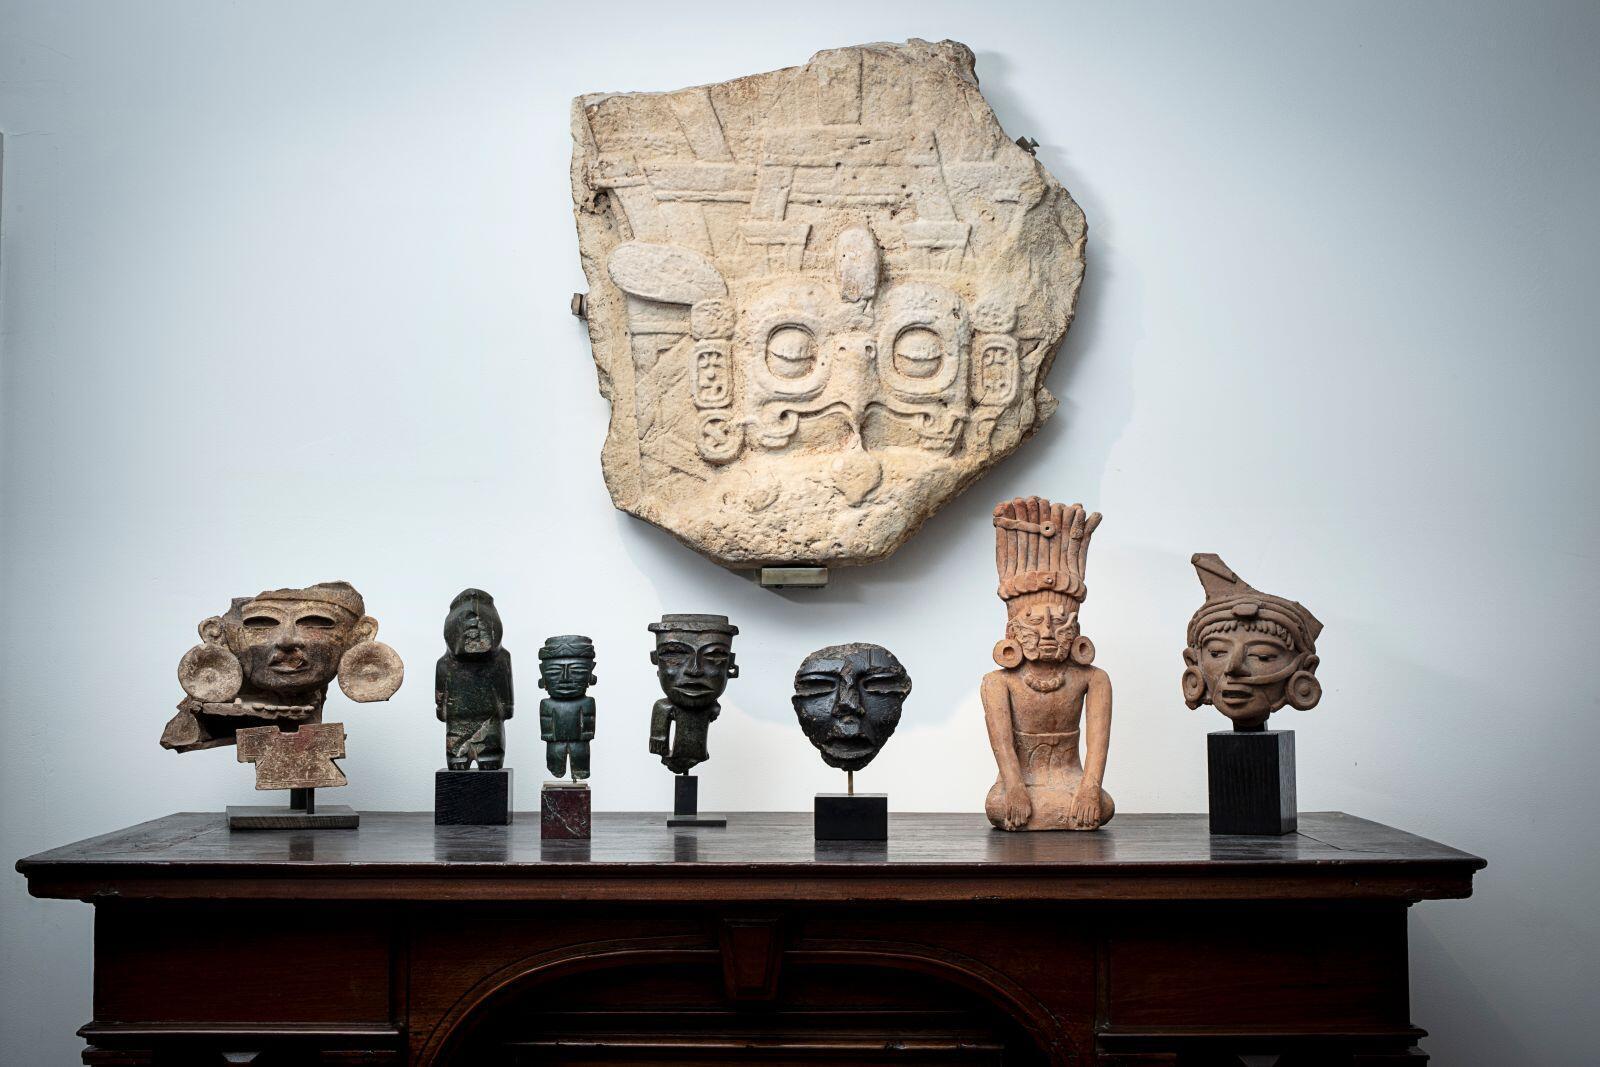 Parte superior: fragmento de una estela maya retirado de la venta a petición de Guatemala